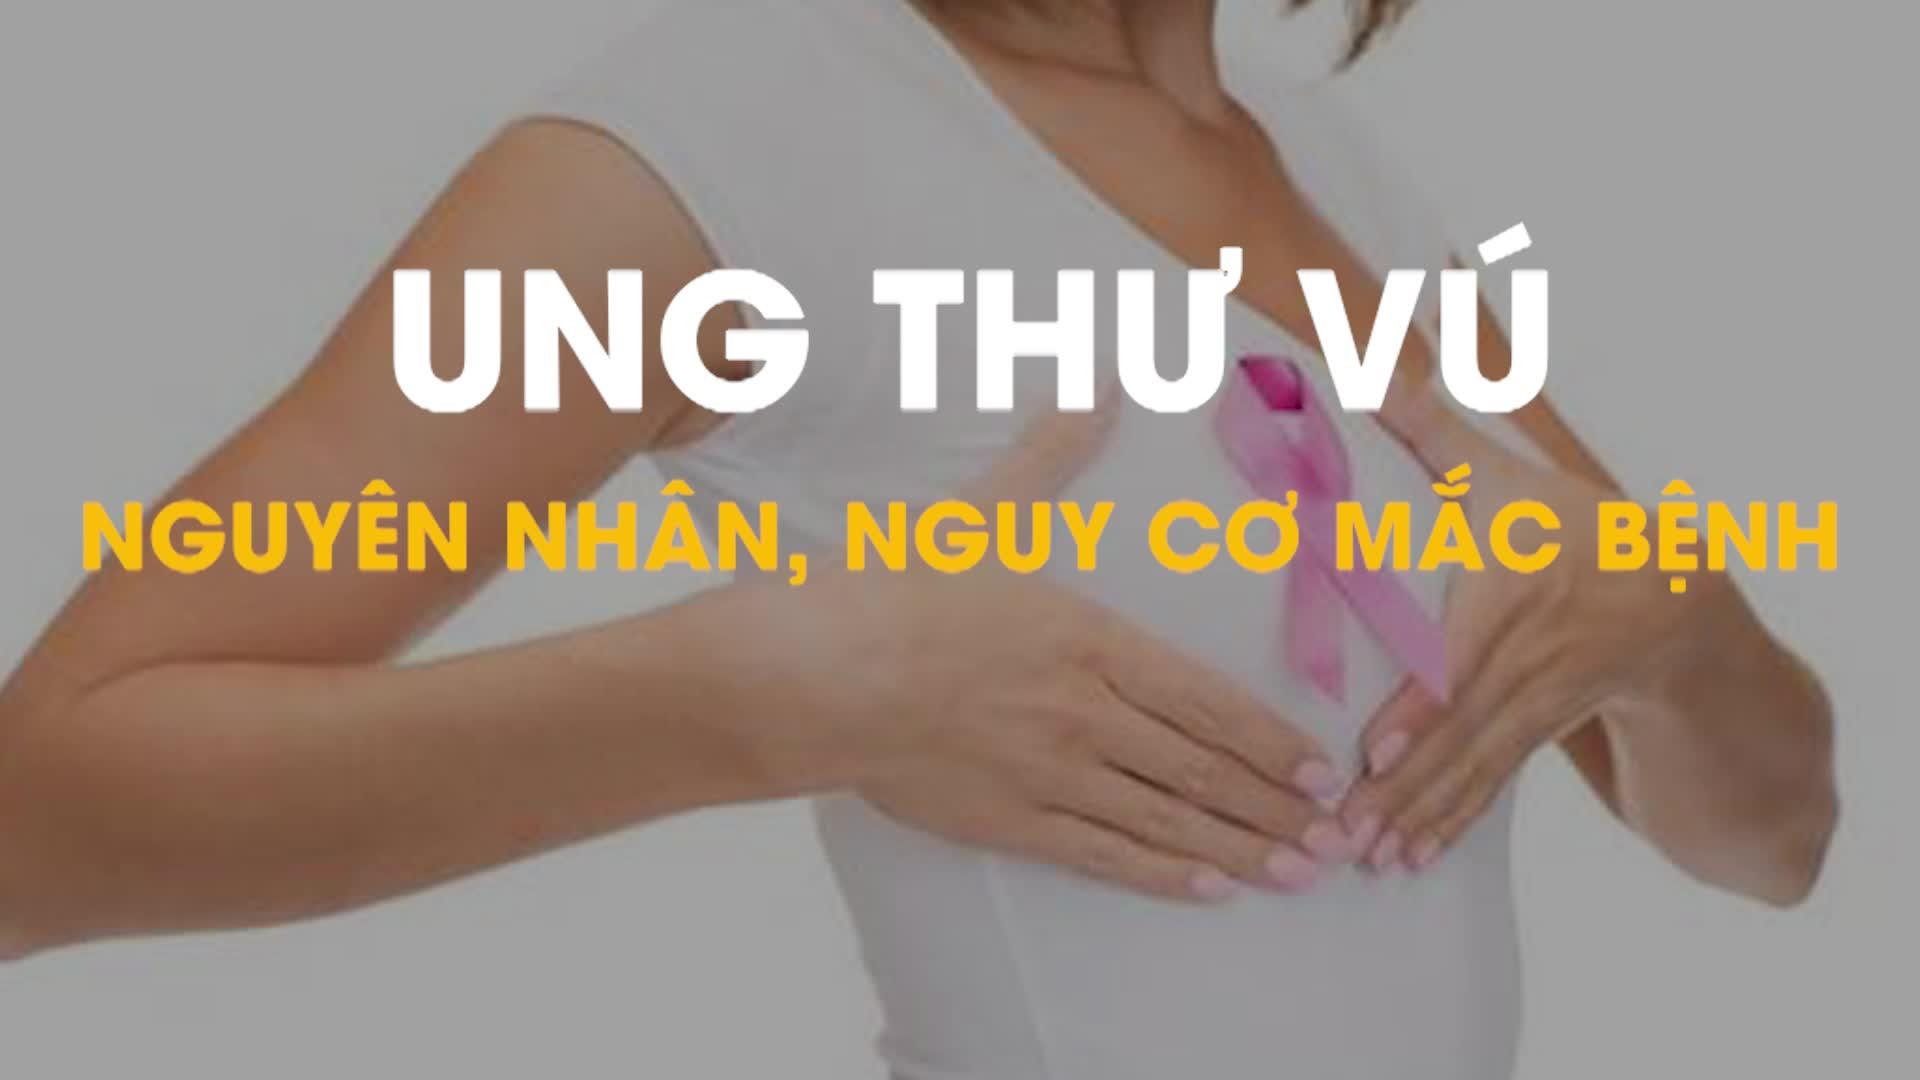 Ung thư Vú: Nguyên nhân, nguy cơ mắc bệnh và dấu hiệu nhận biết